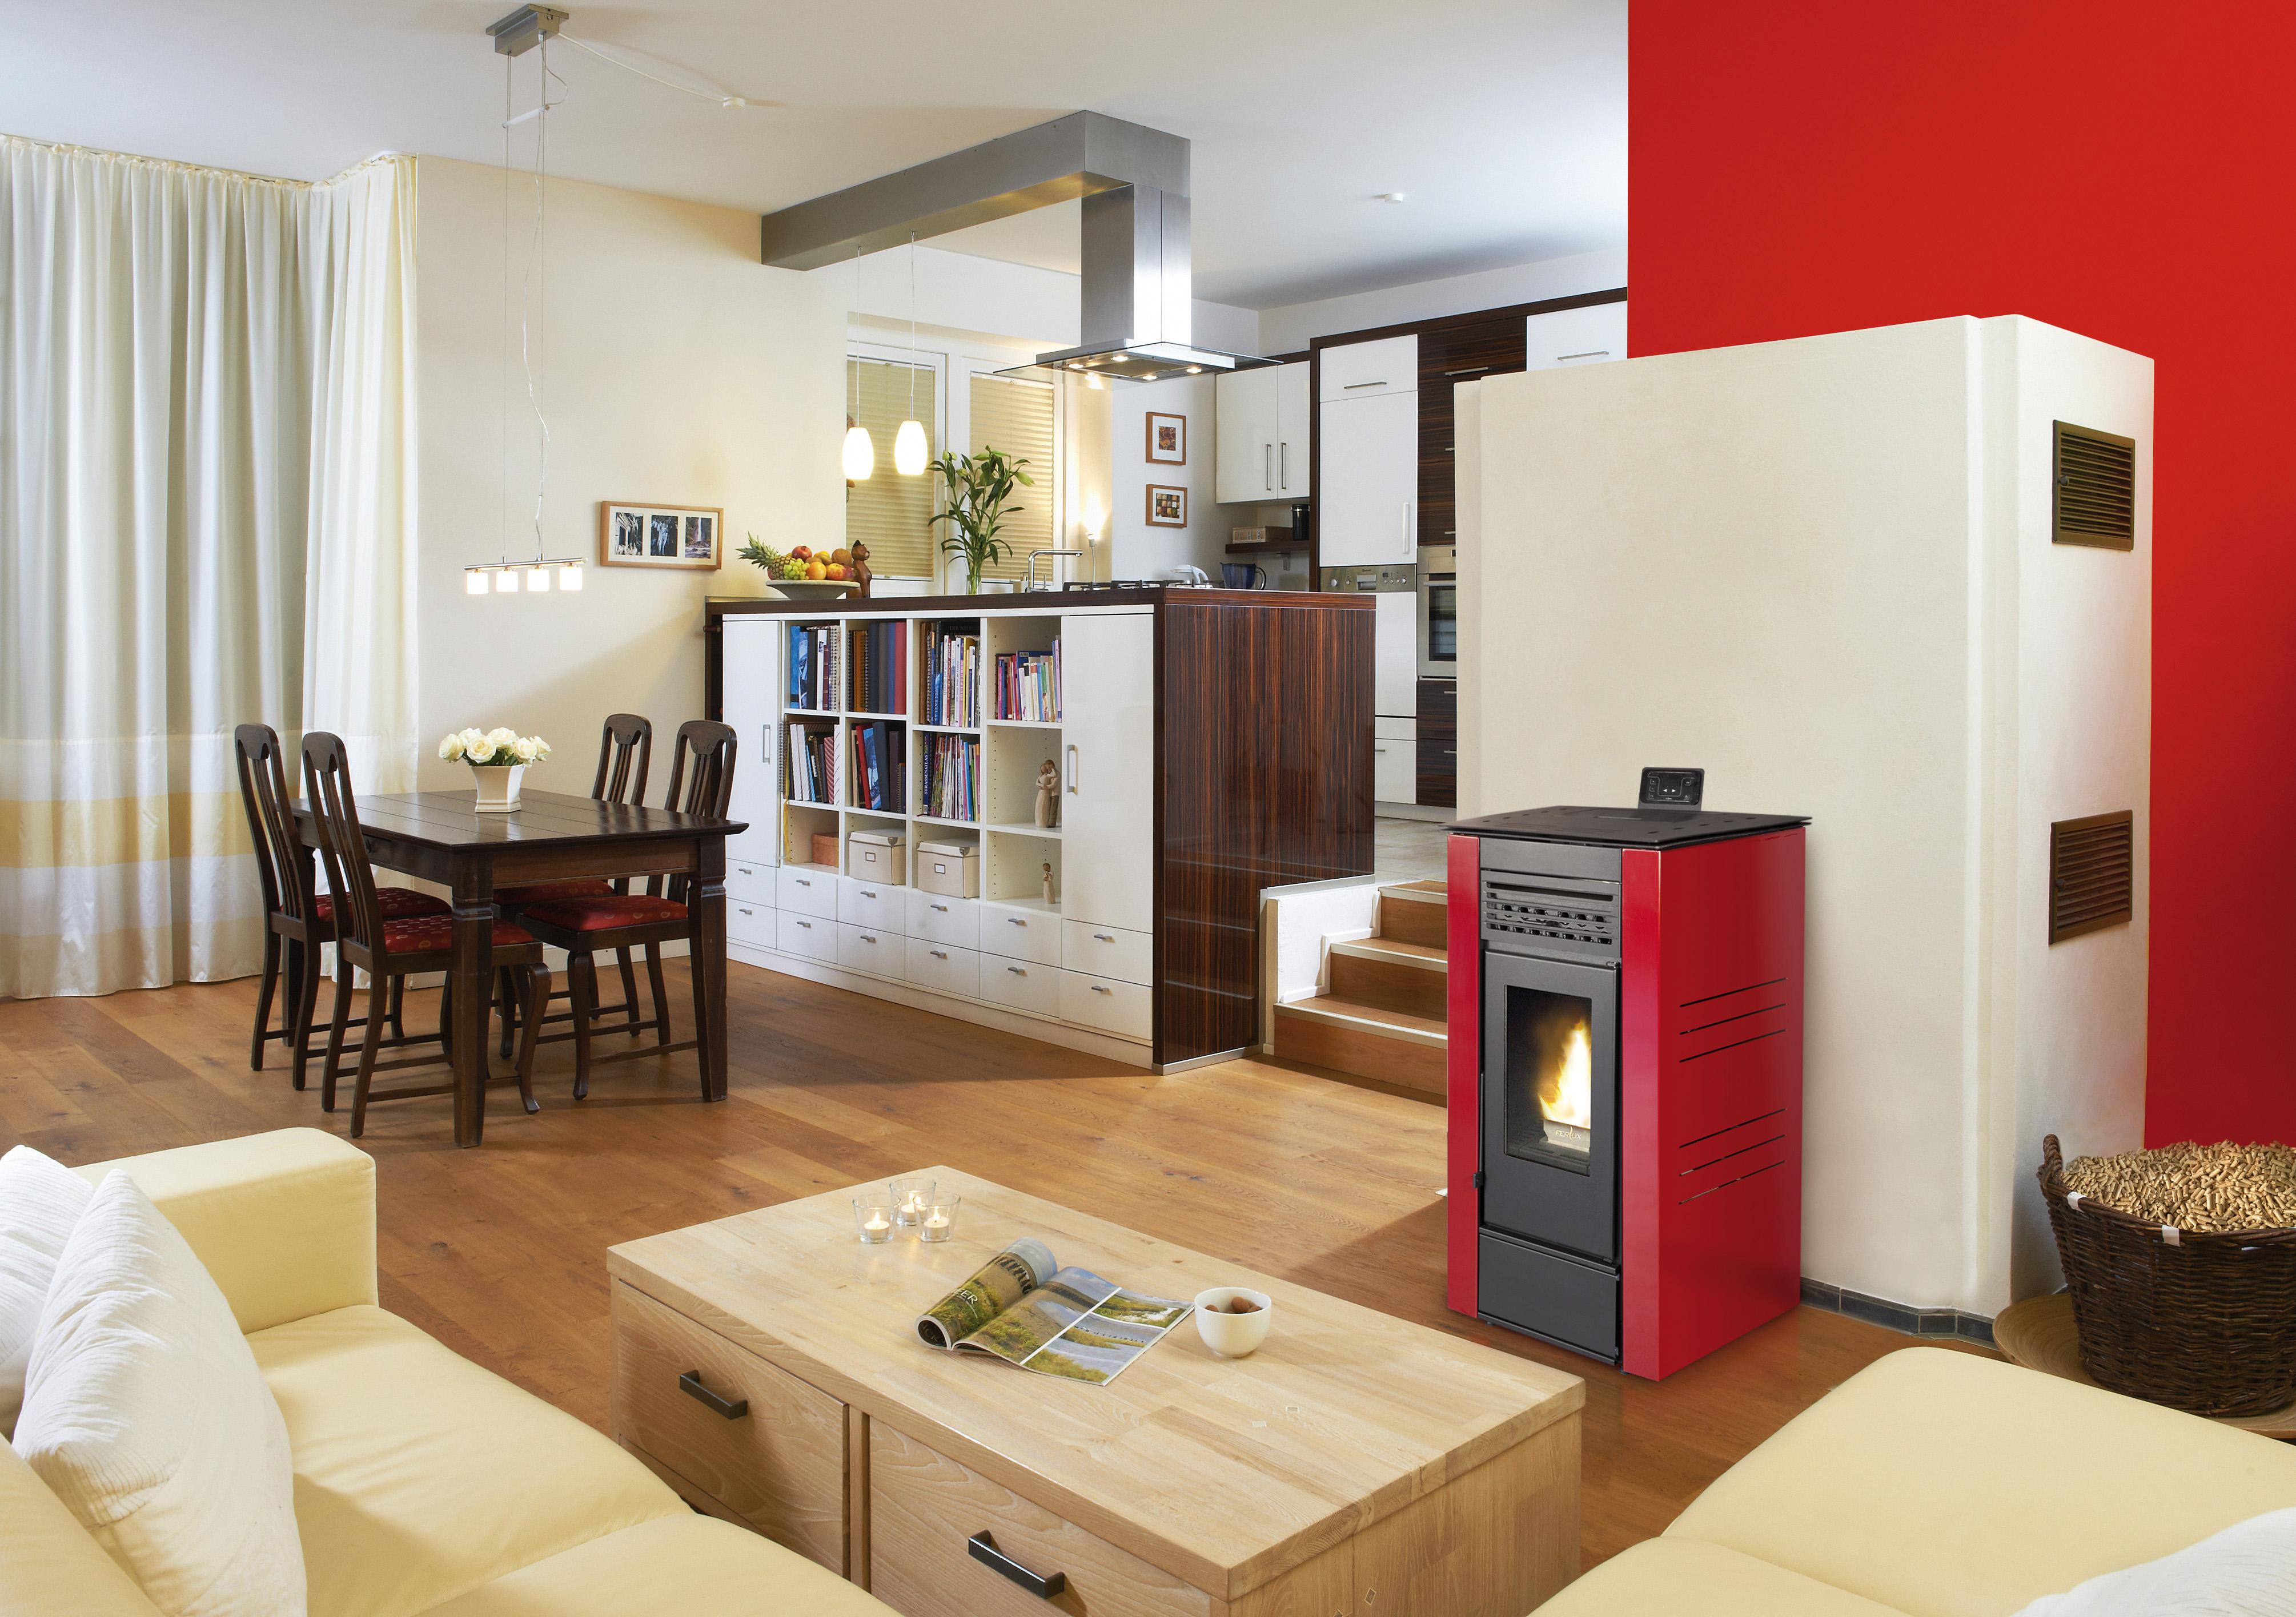 Se puede instalar una estufa de pellets en un piso 2019 - Se puede instalar una caldera de biomasa en un piso ...